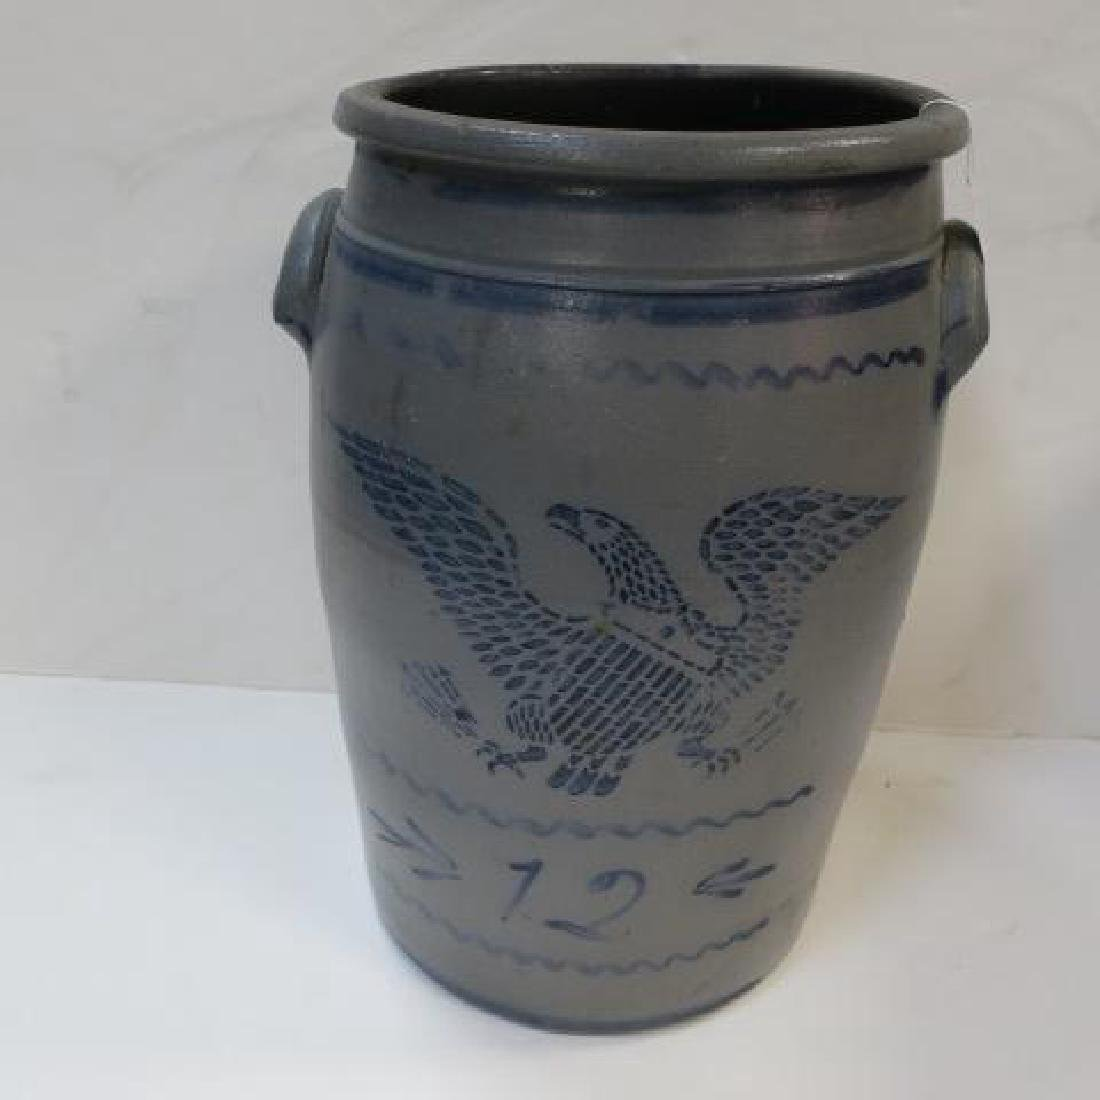 12 Gallon Stoneware Crock with Stenciled Eagle: